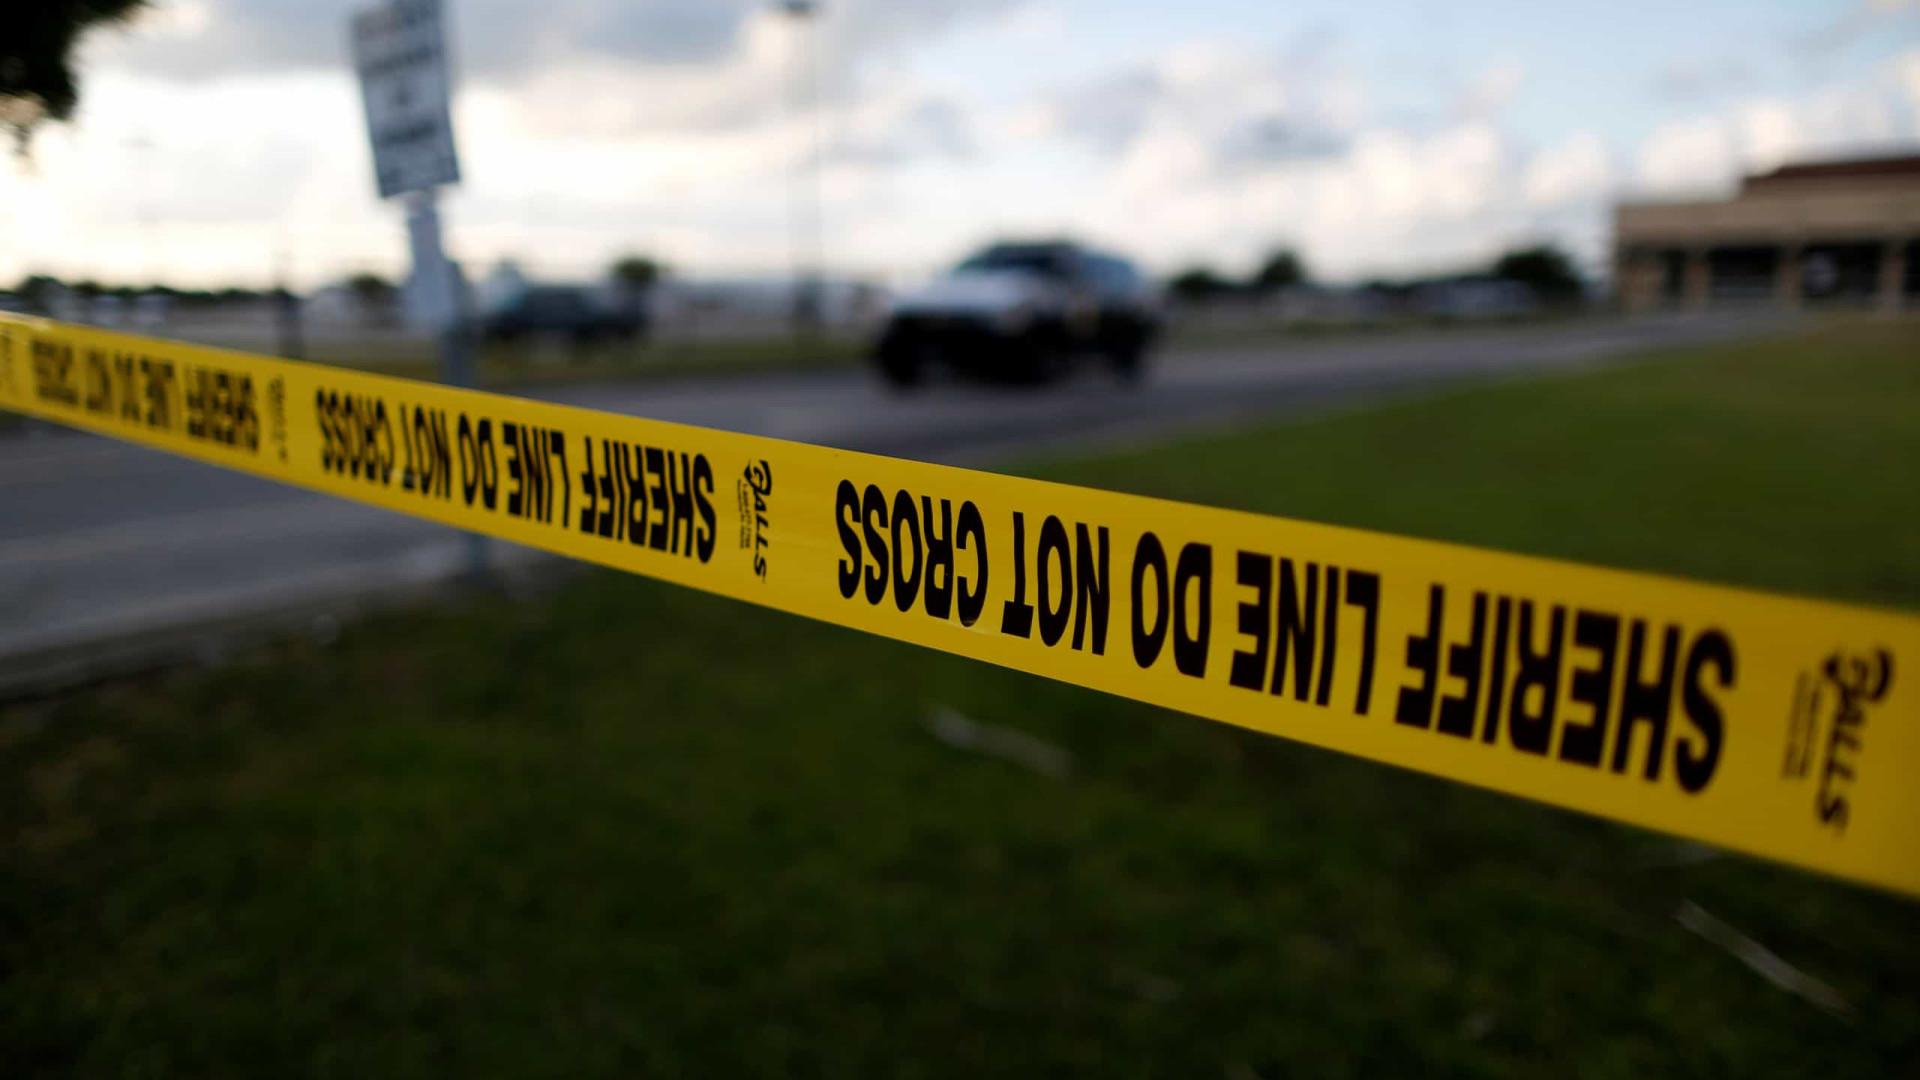 Encontrado corpo de mulher desaparecida há seis anos em Nova Jersey